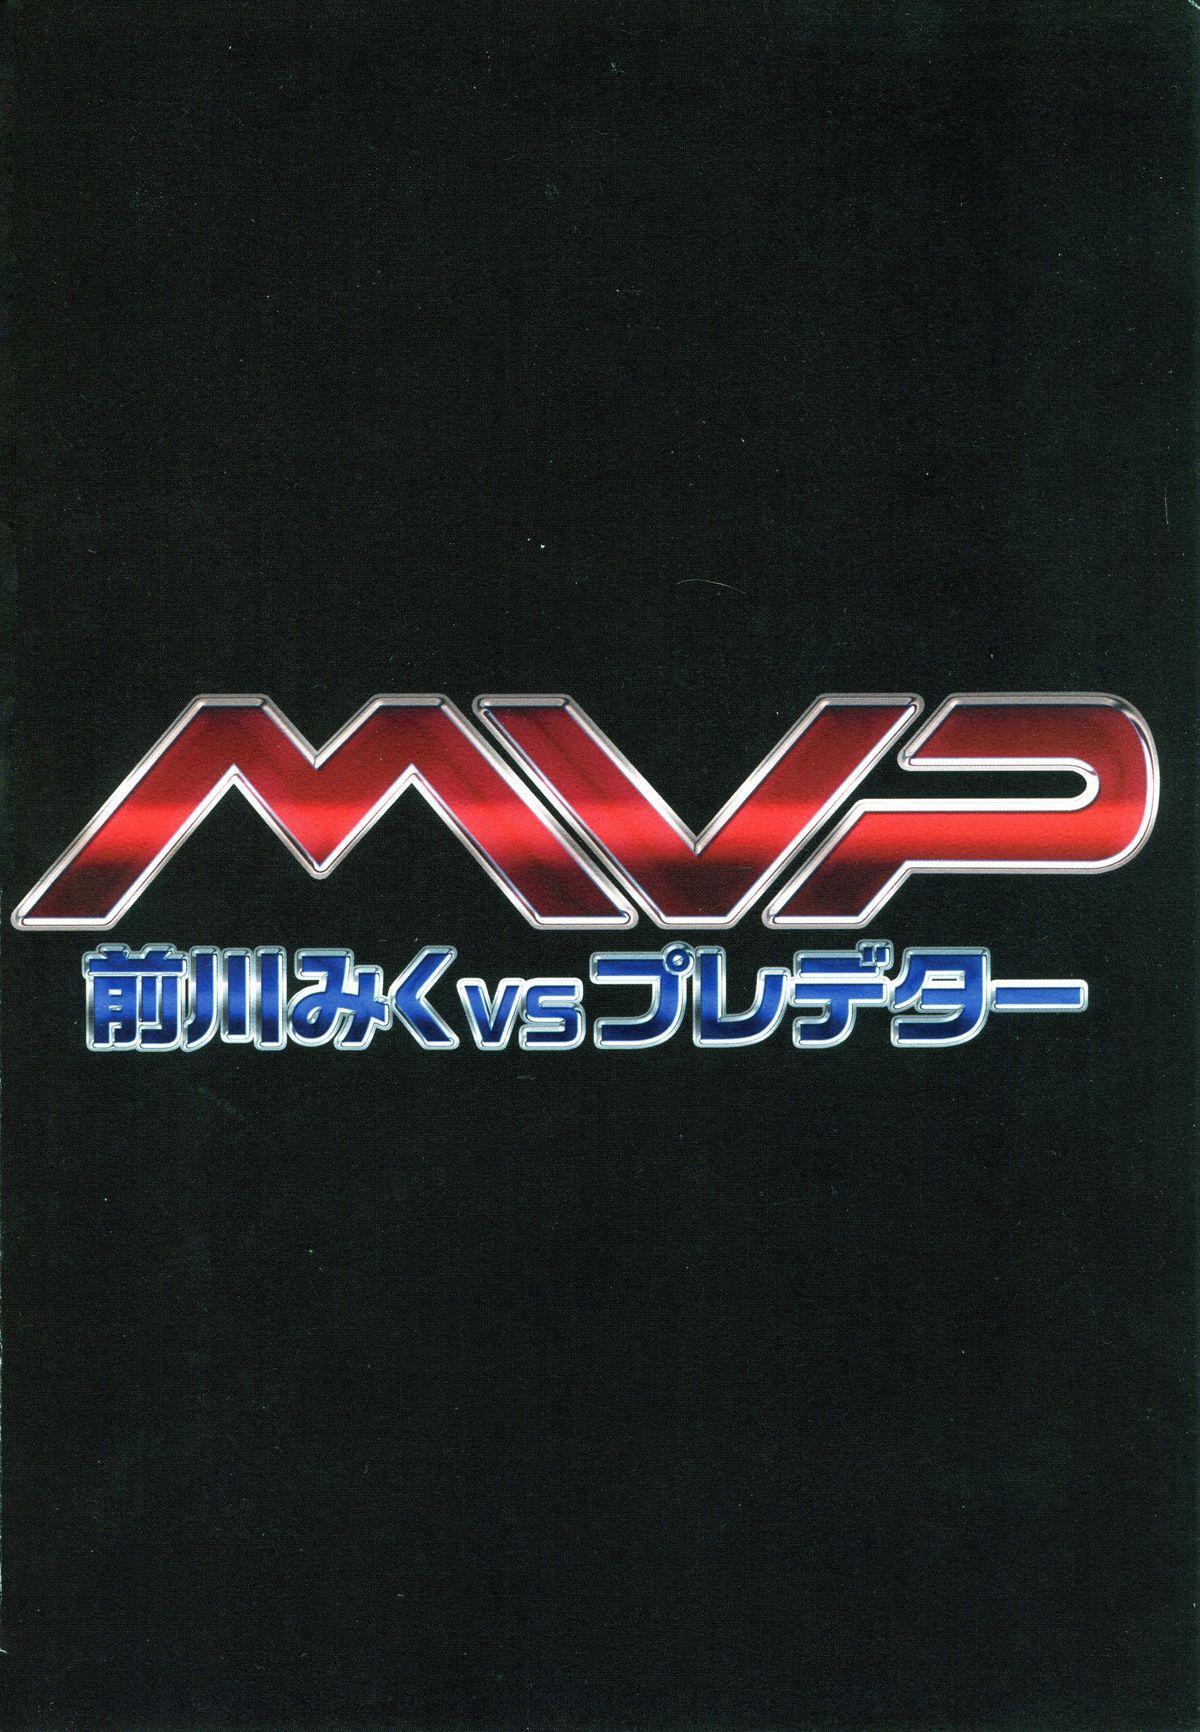 Maekawa Miku vs Predator 25